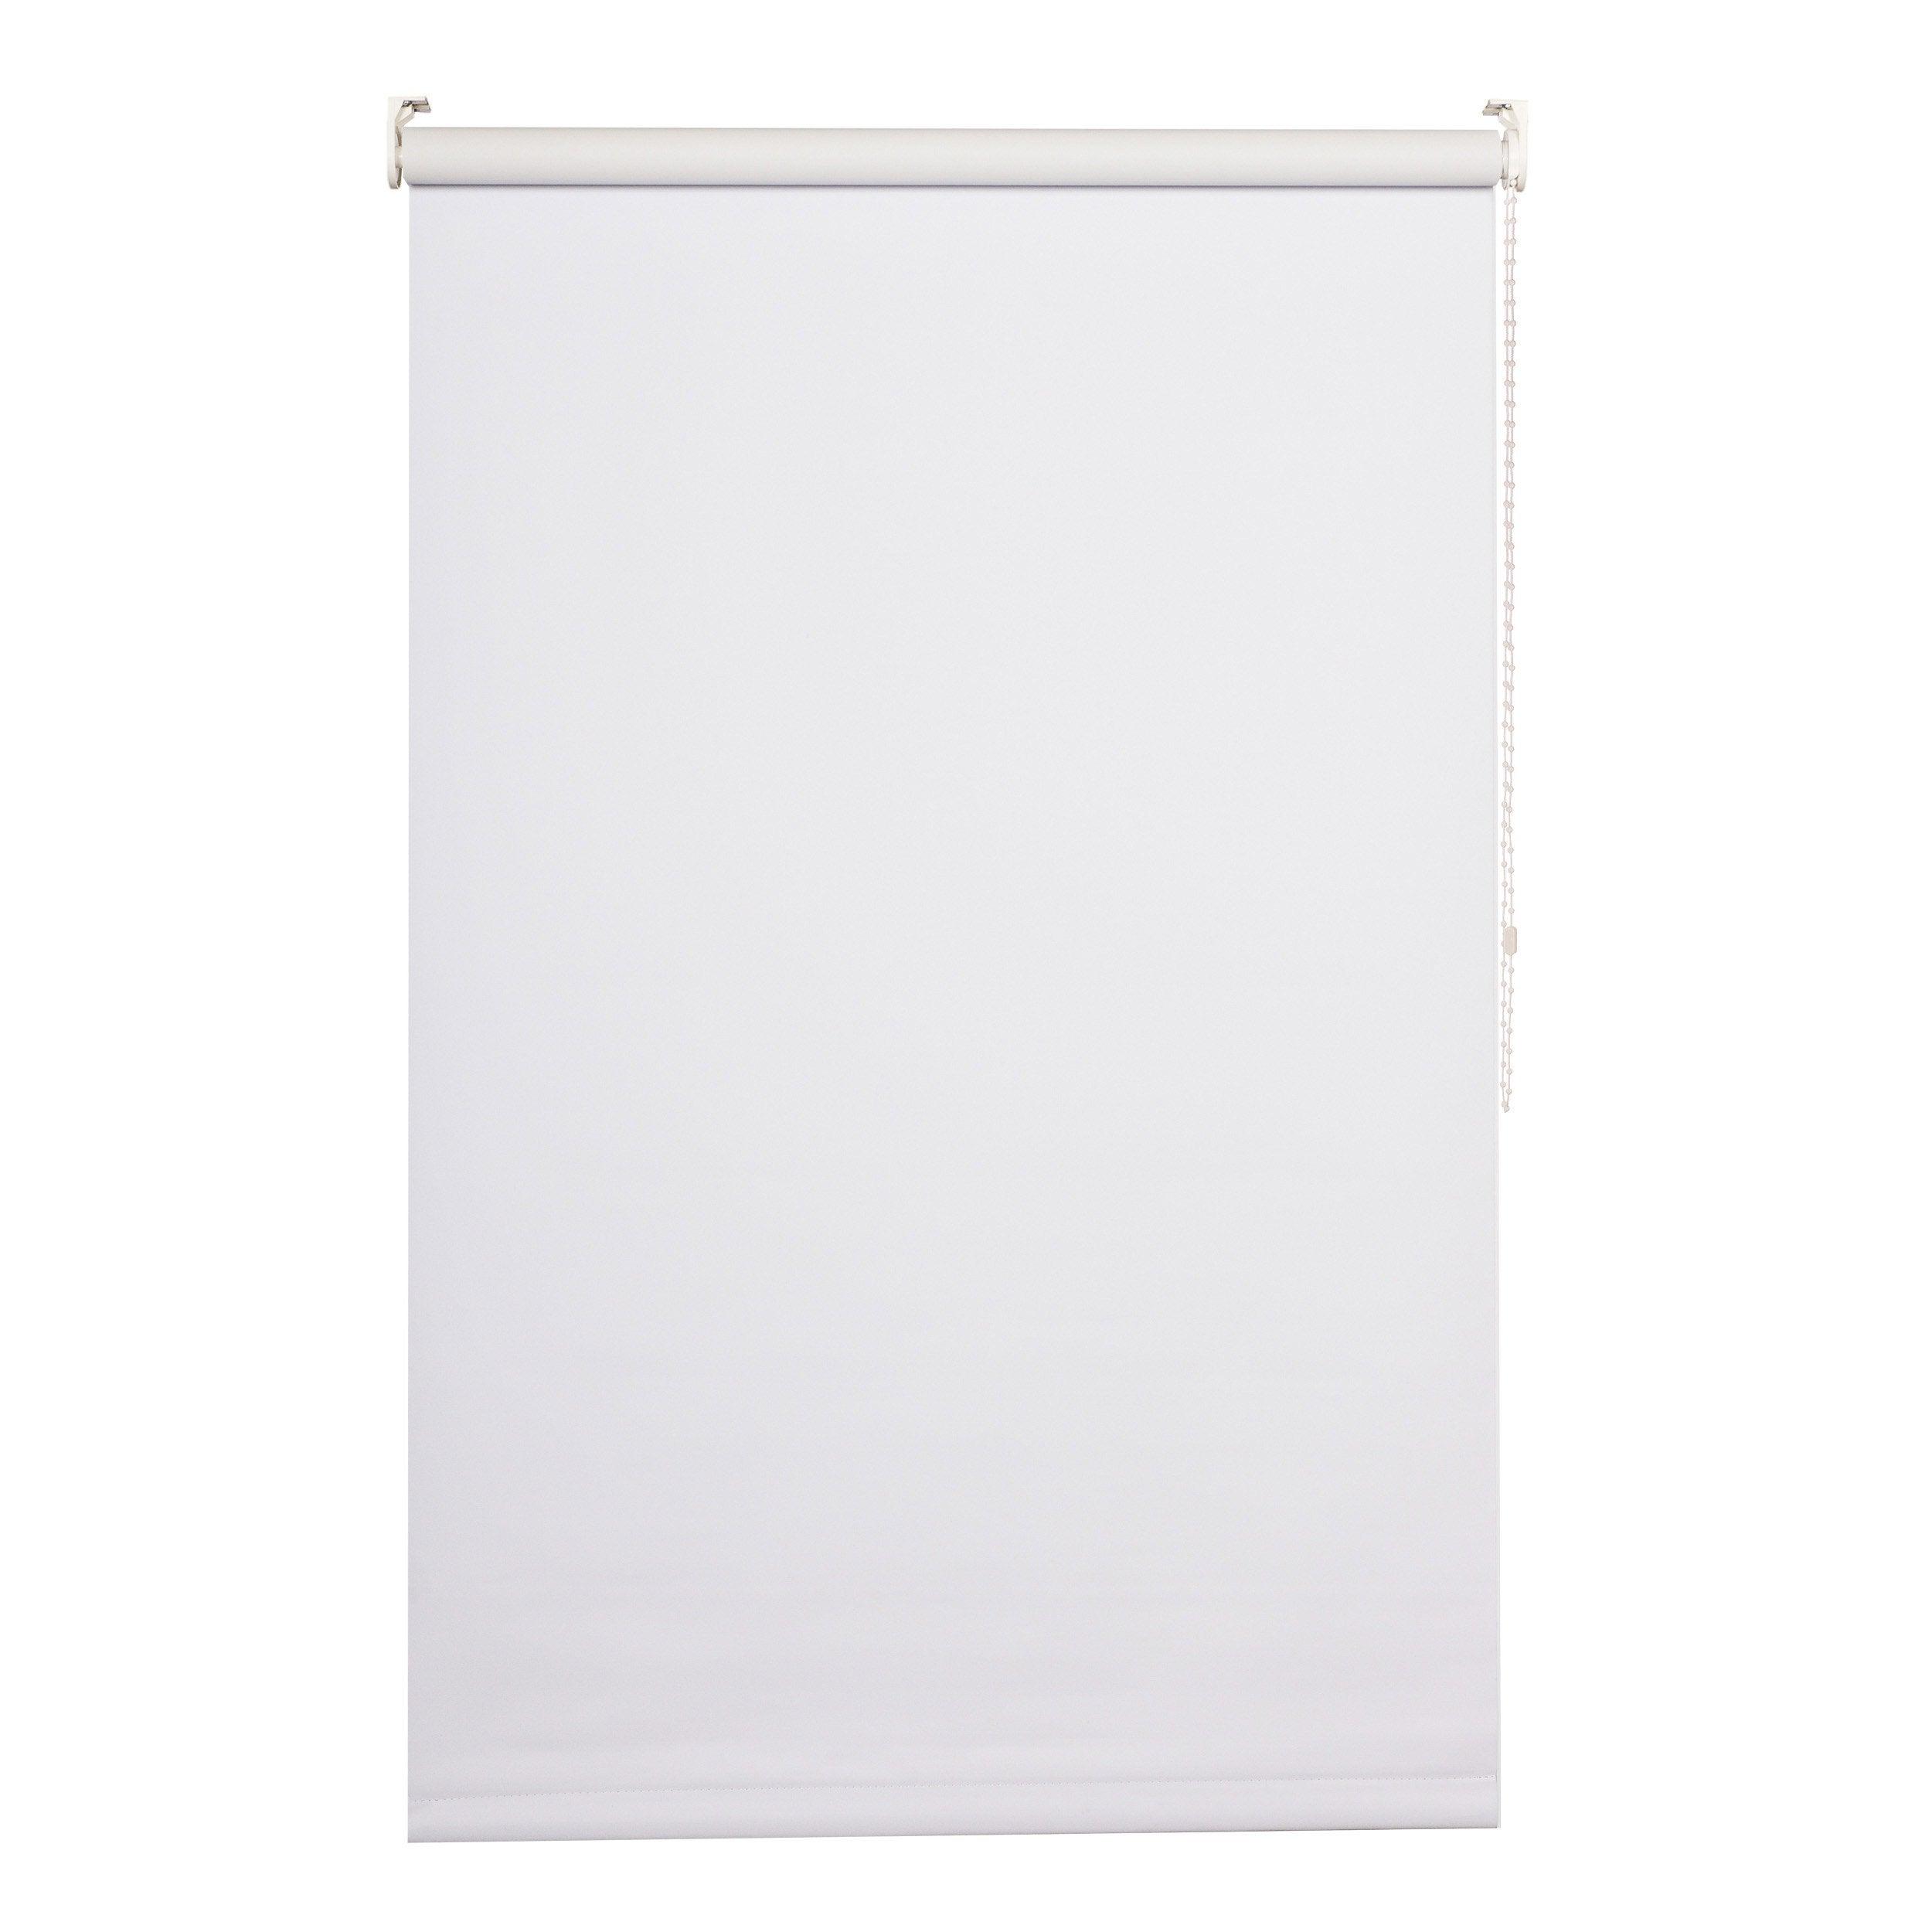 Store enrouleur occultant, blanc Séoul, l.45 x H.160 cm